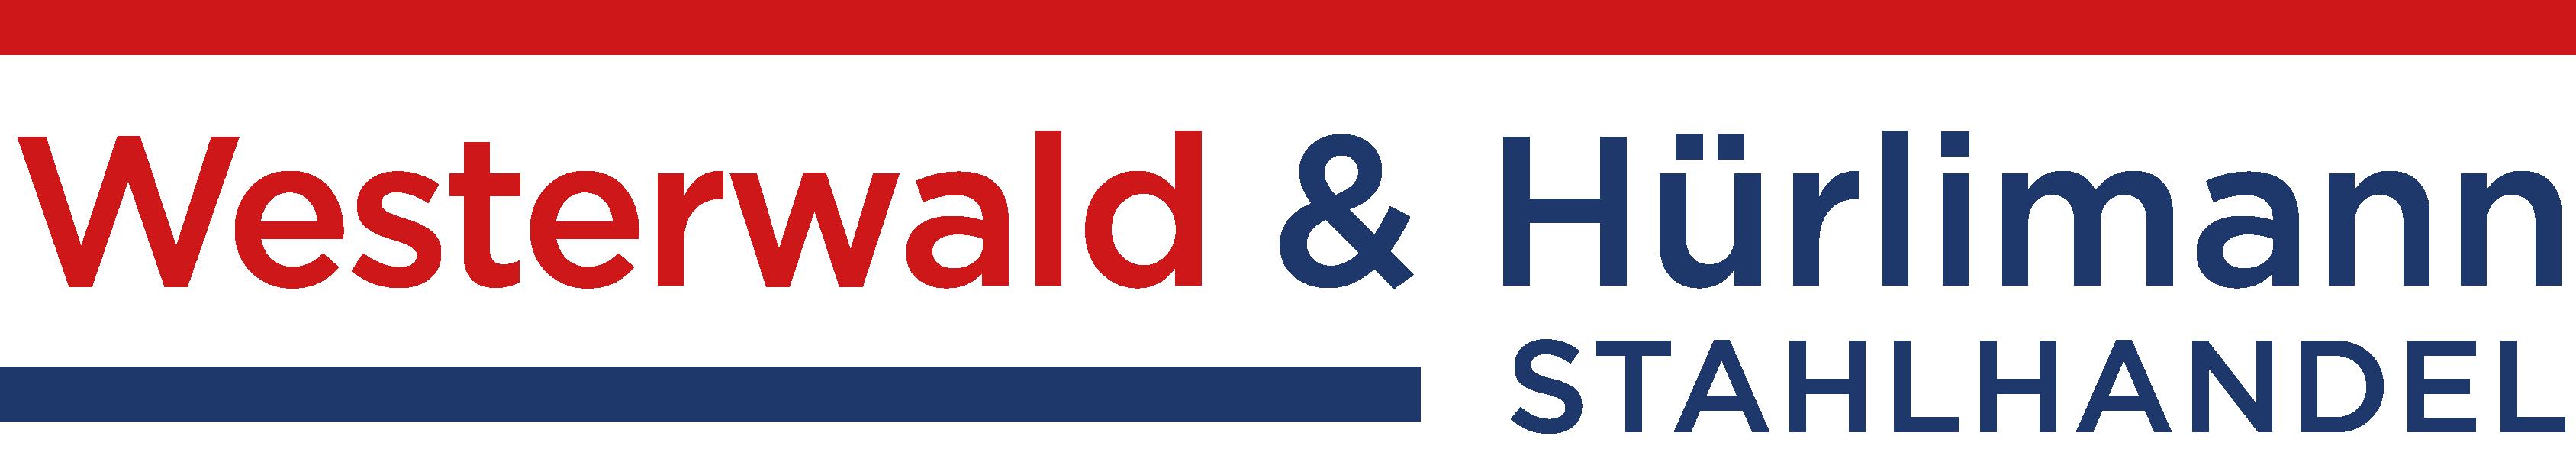 Logo Westerwald Hürlimann Stahlhandel GmbH & Co KG